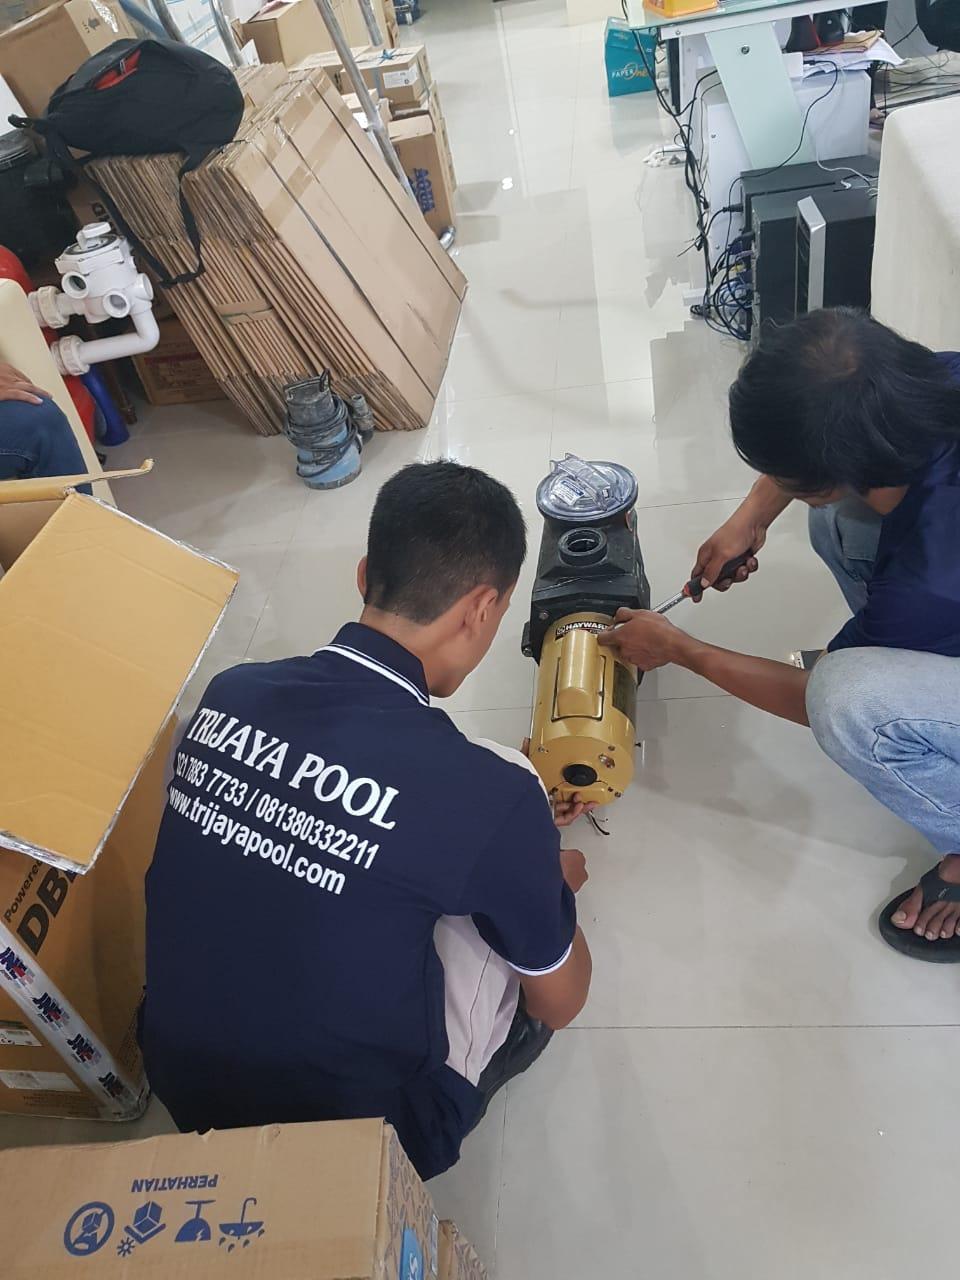 Toko Pompa Kolam Renang Tangerang Selatan